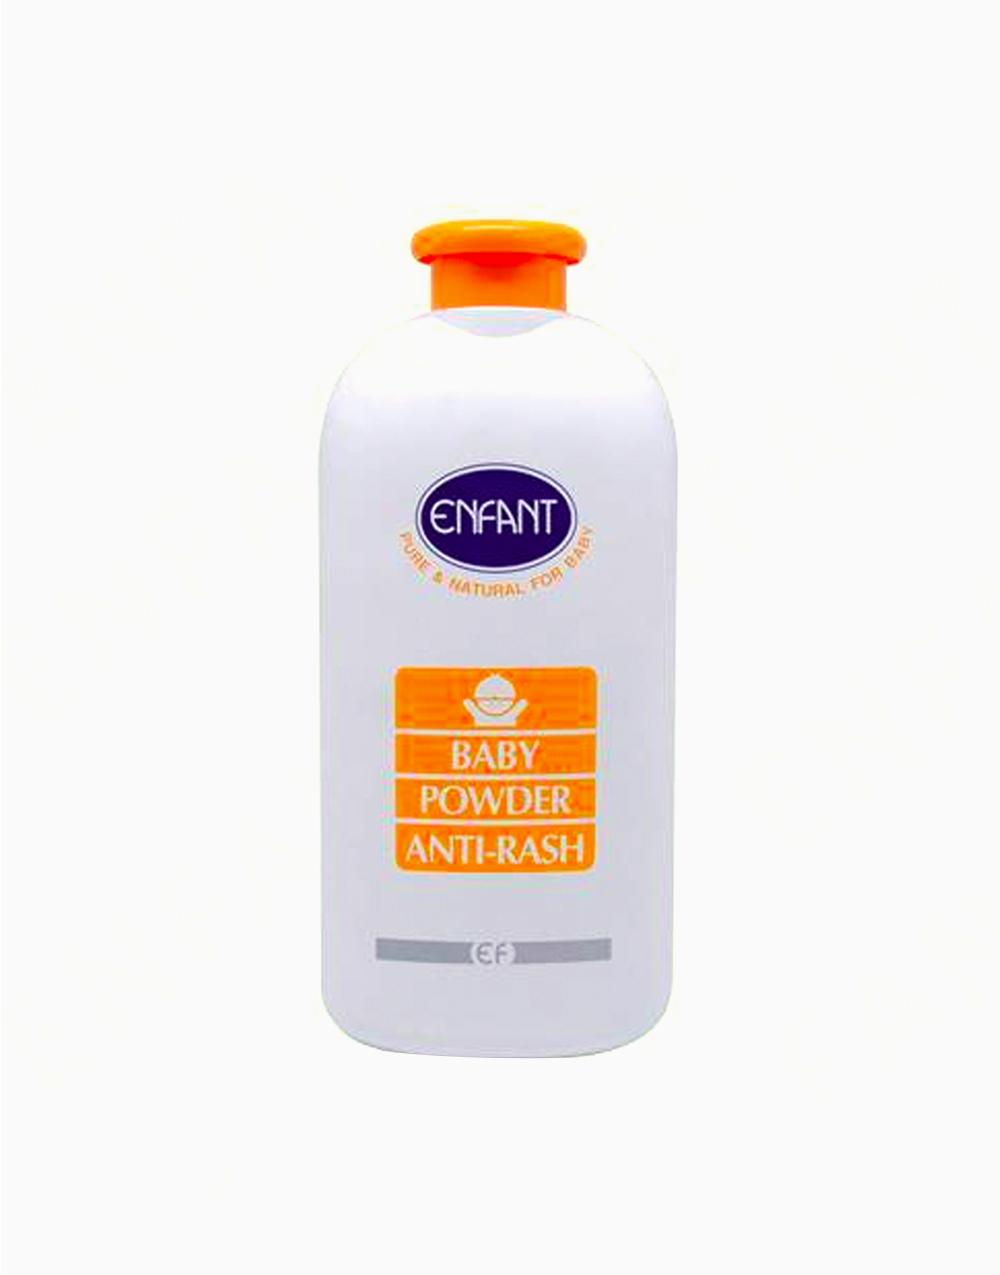 Baby Powder Anti-Rash (500g) by Enfant